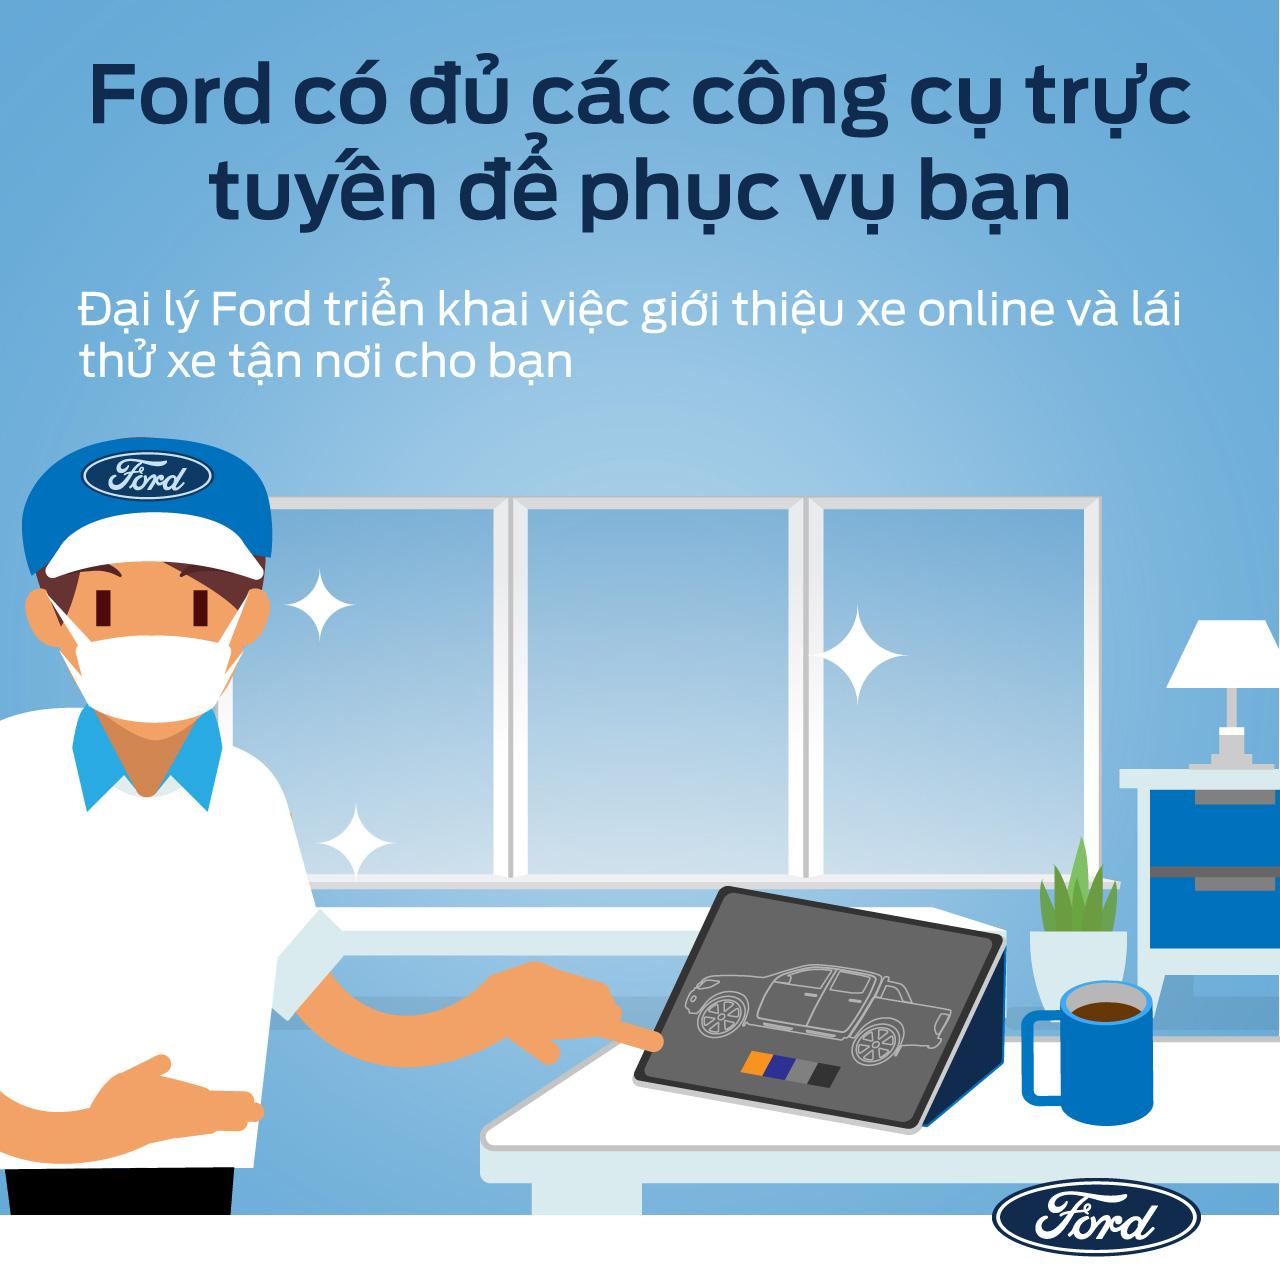 Ford Việt Nam triển khai các dịch vụ hỗ trợ khách hàng an toàn, hiệu quả và thuận tiện trong mùa dịch - 6